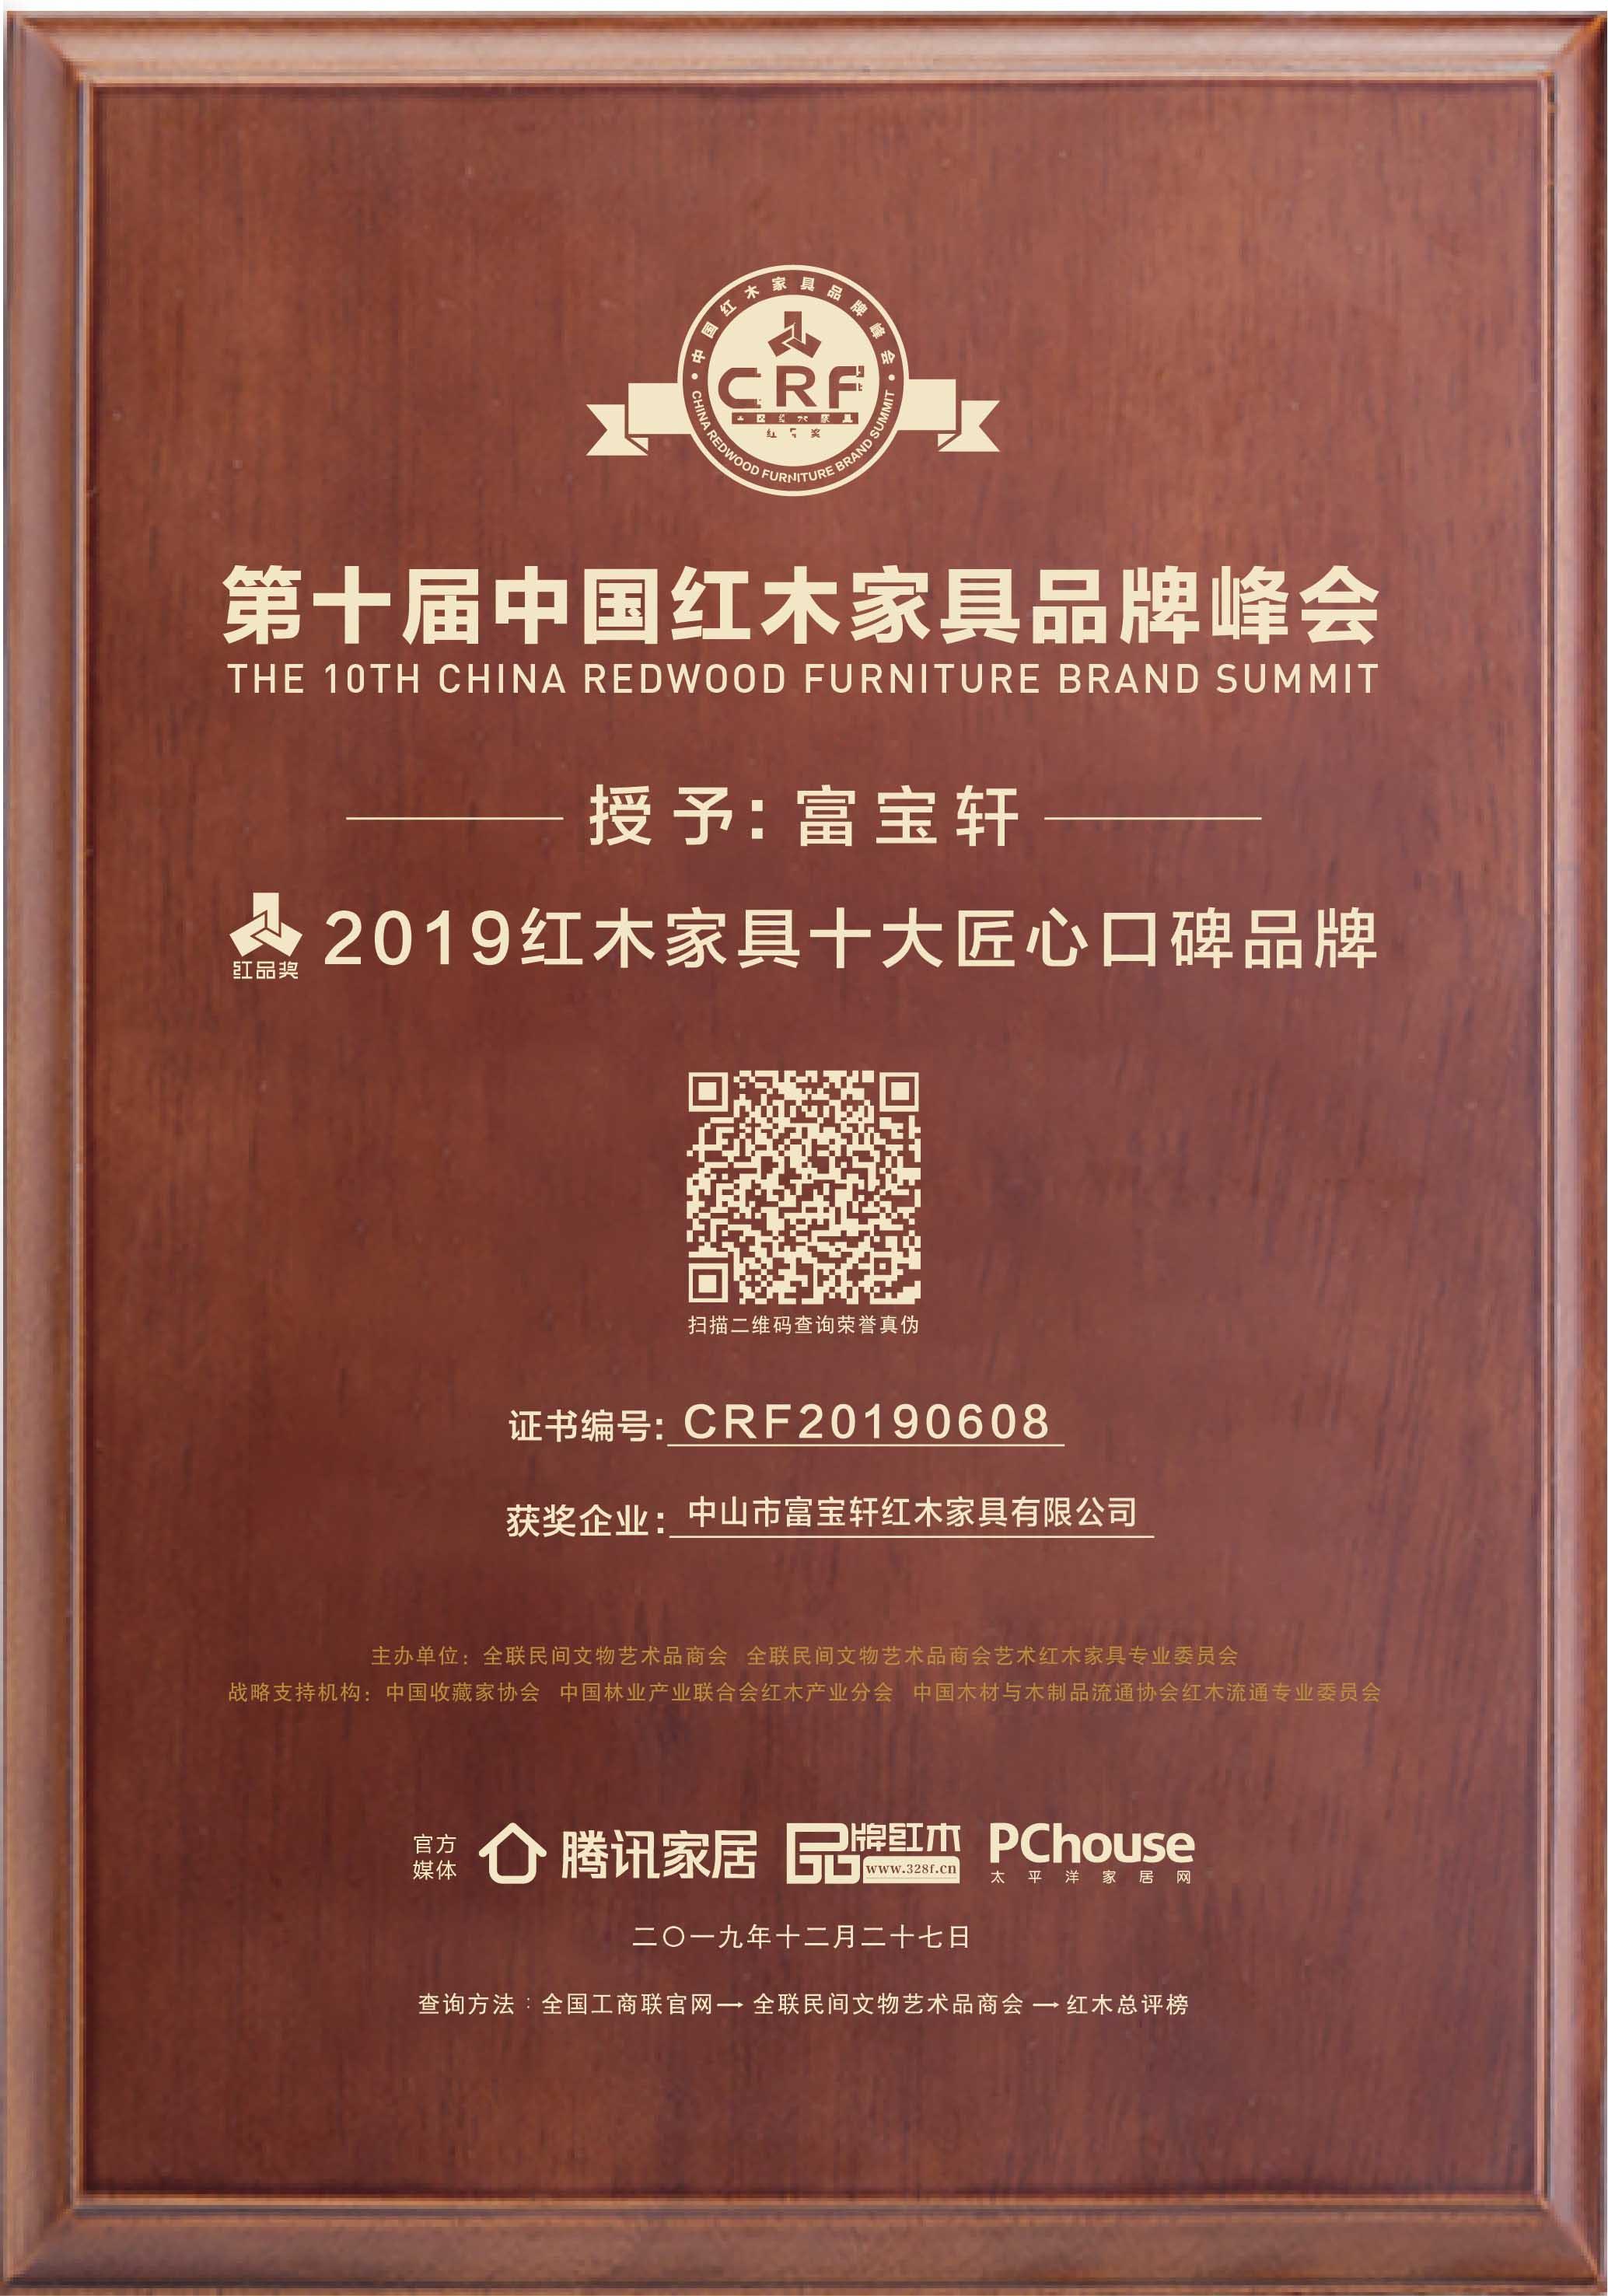 2019紅木家具十大匠心口碑品牌